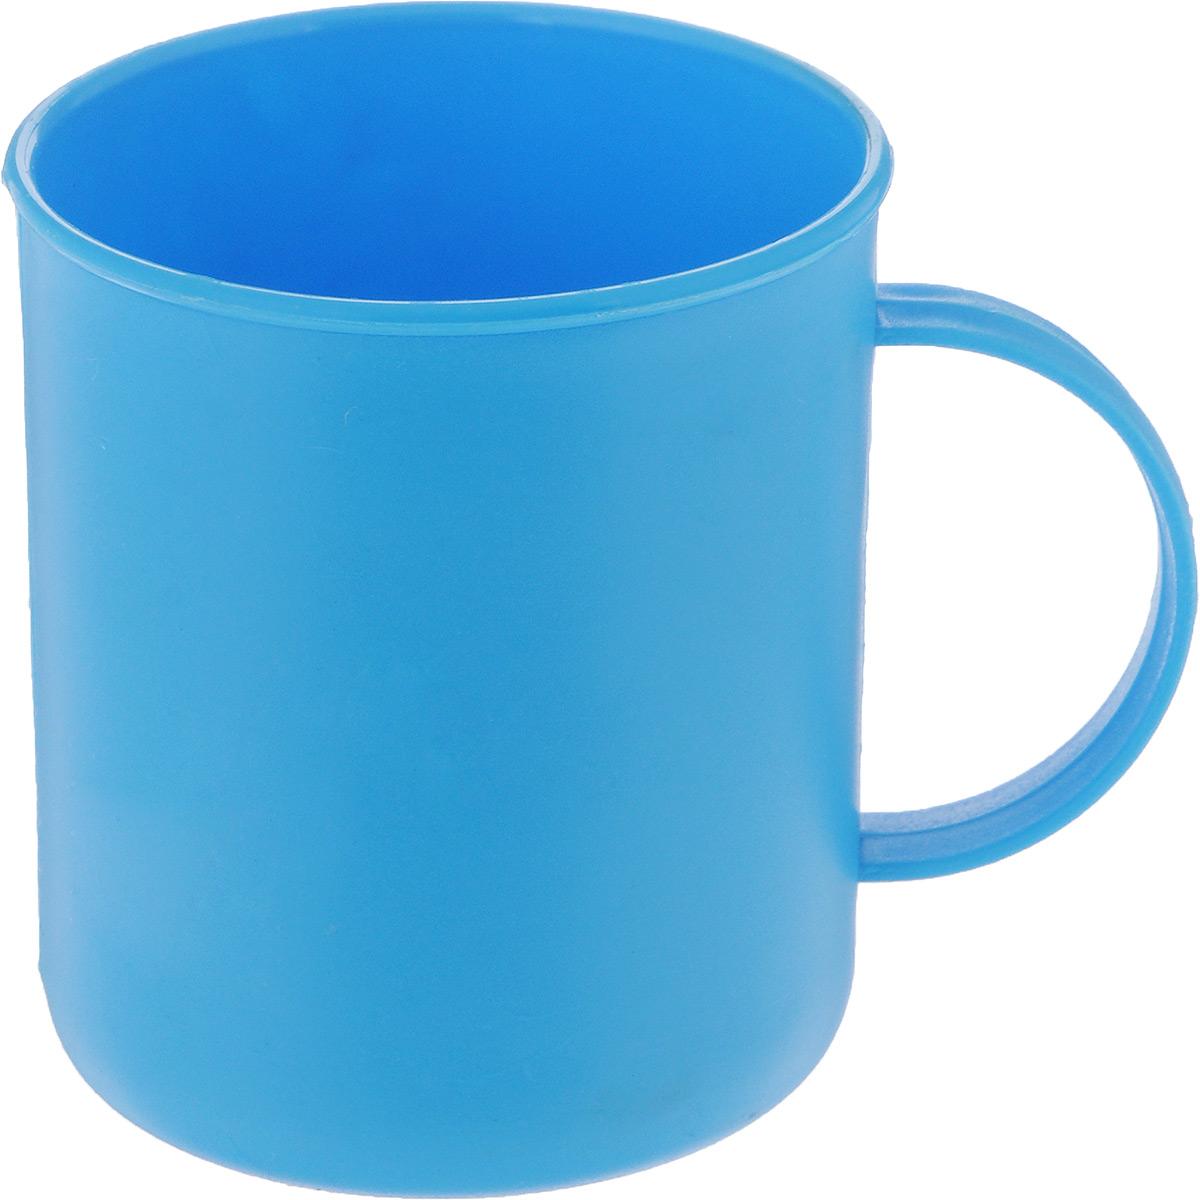 Кружка Gotoff, цвет: голубой, 300 мл115510Кружка Gotoff выполнена из прочного пищевого полипропилена. Изделие отлично подойдет как для холодных, так и для горячих напитков. Его удобно использовать дома или на даче, брать с собой на пикники и в поездки. Отличный вариант для детских праздников. Такая кружка не разобьется и будет служить вам долгое время.Диаметр кружки (по верхнему краю): 7,5 см. Высота кружки: 8,5 см.